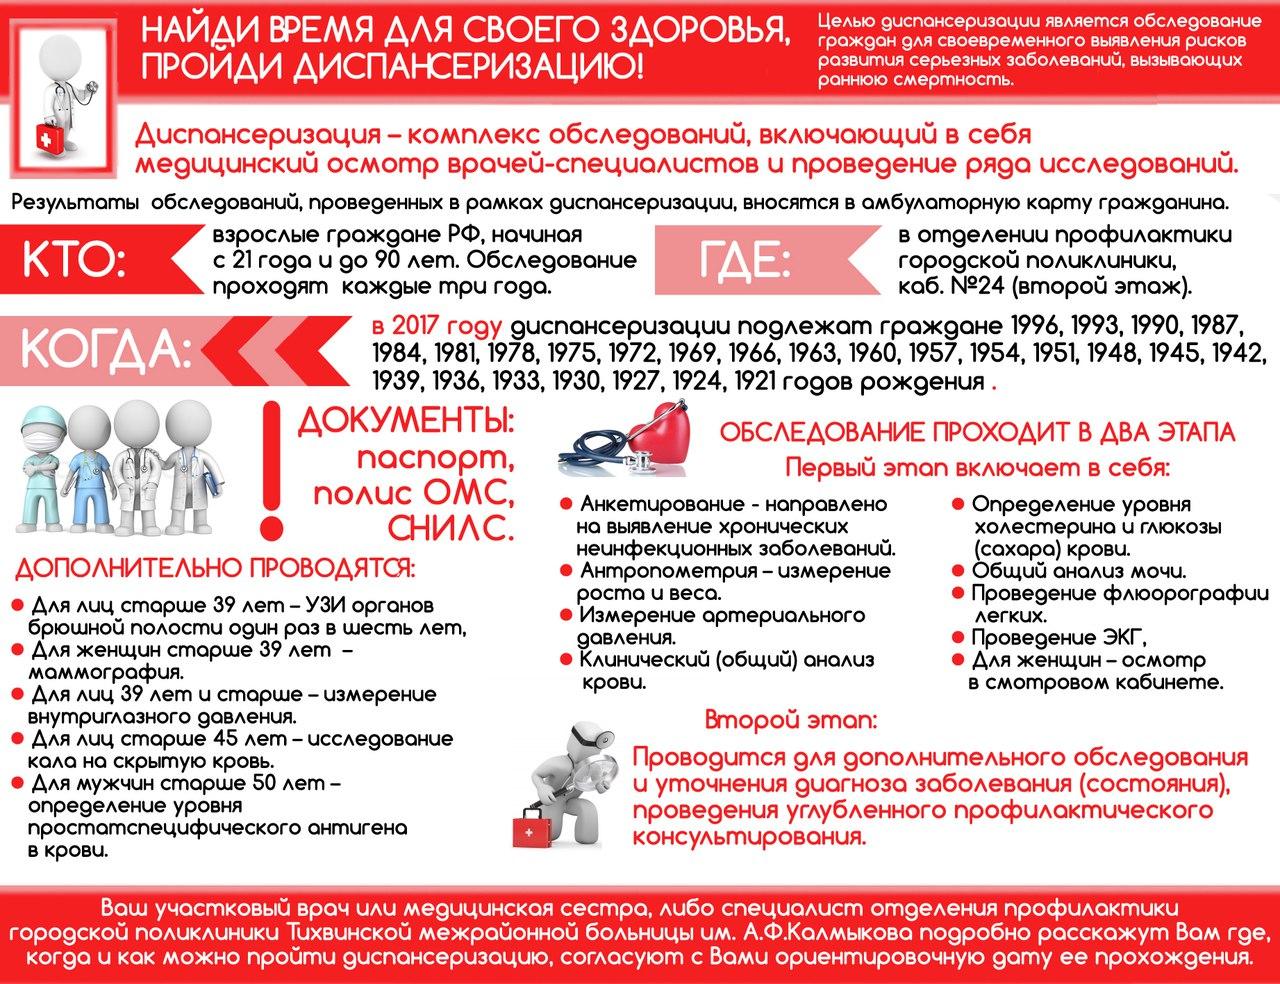 Сайт областной клинической больницы челябинск